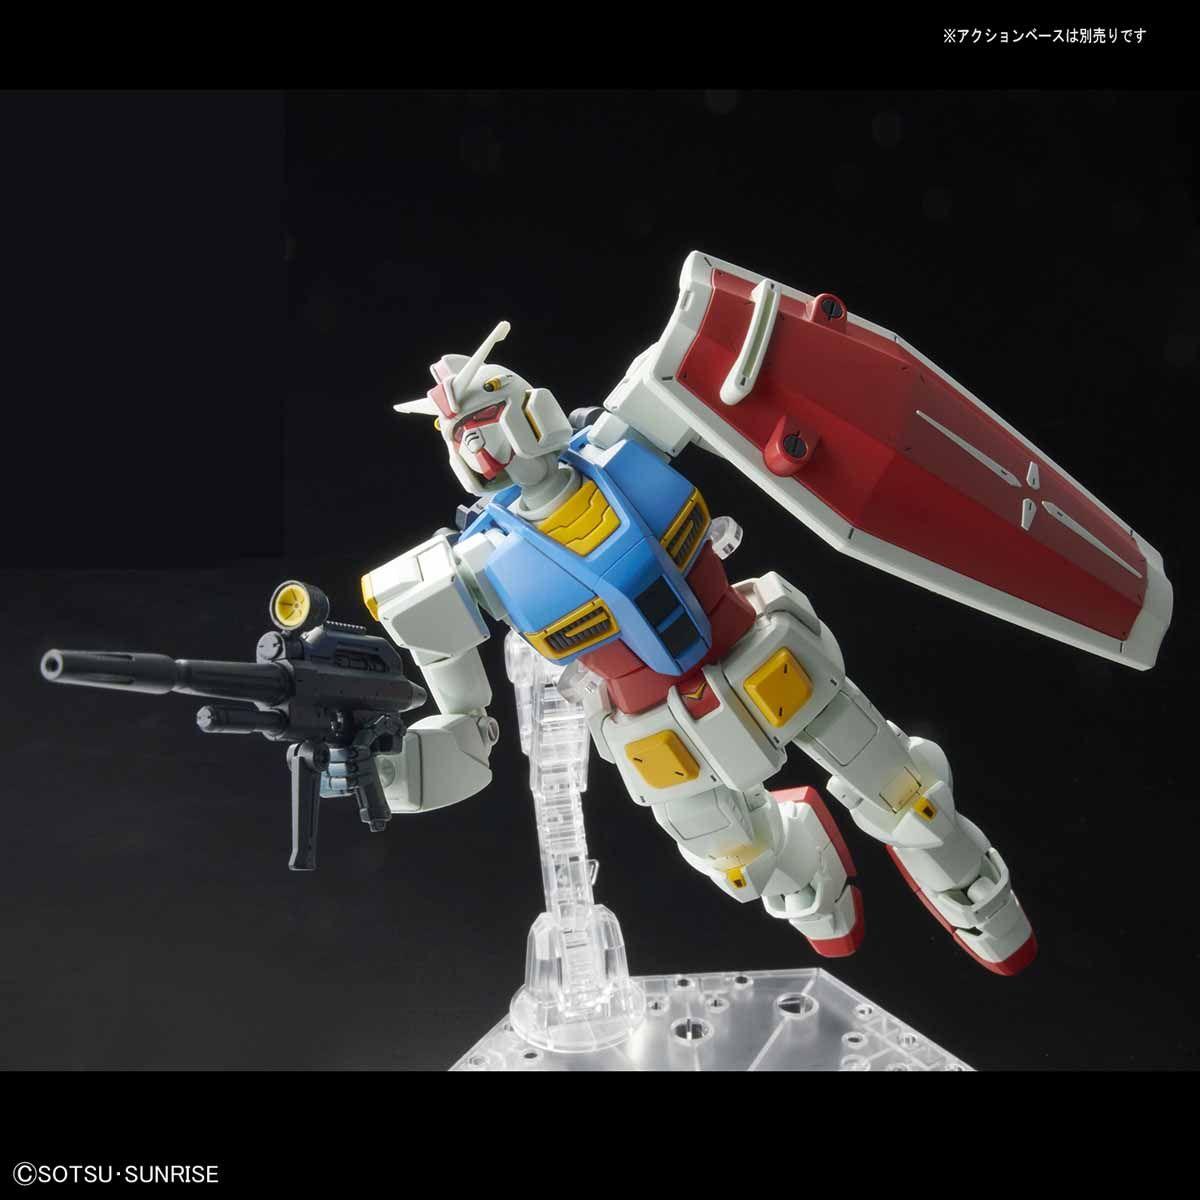 【再販】HG 1/144『ガンダムG40(Industrial Design Ver.)』プラモデル-011